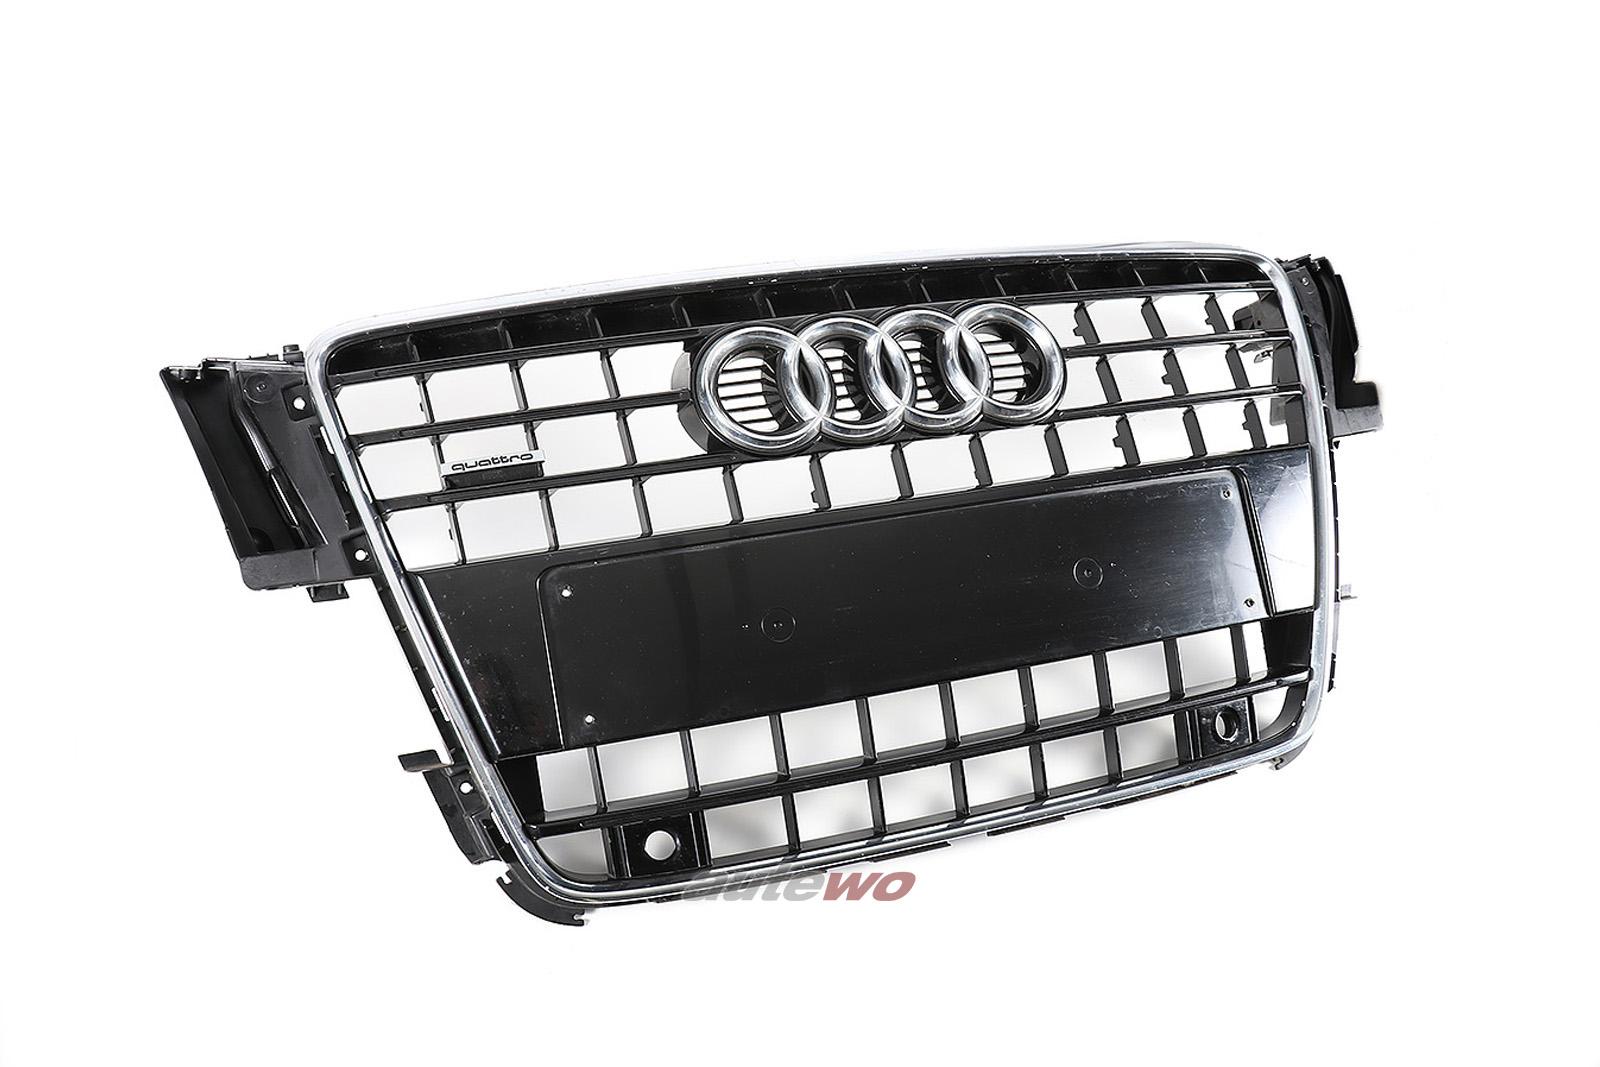 8T0853651E Audi A5 8T Kühlergrill T94 schwarz-glänzend